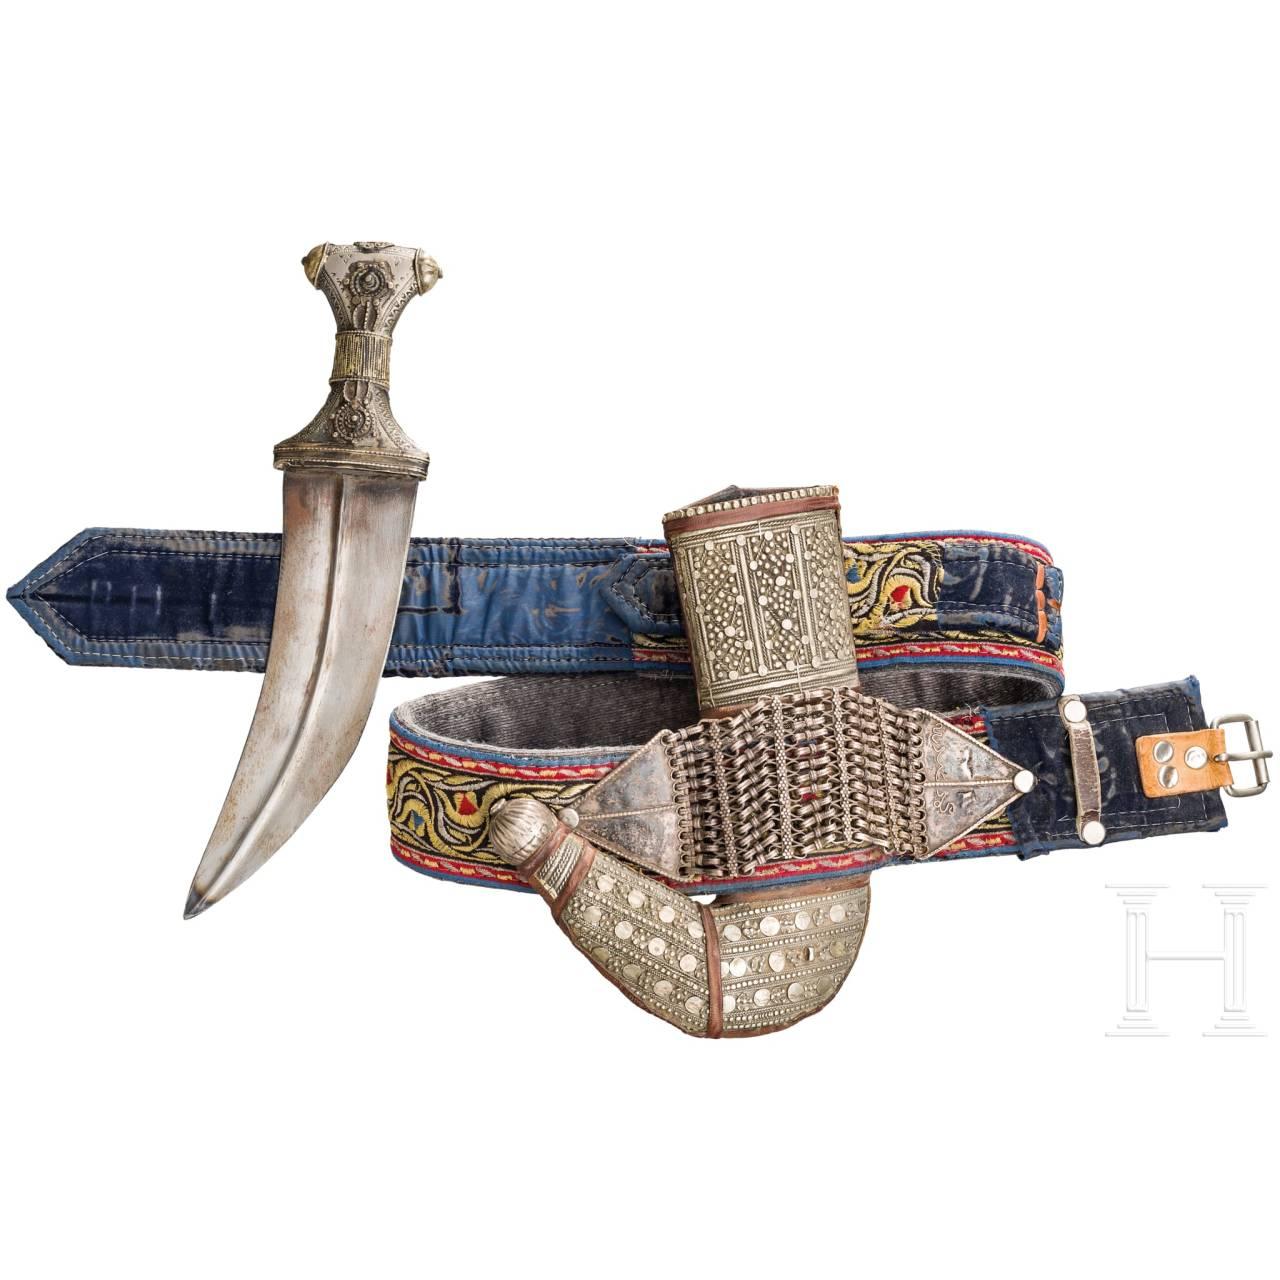 Silbermontierte Djambia mit Gürtel, Jemen (?), 20. Jhdt.